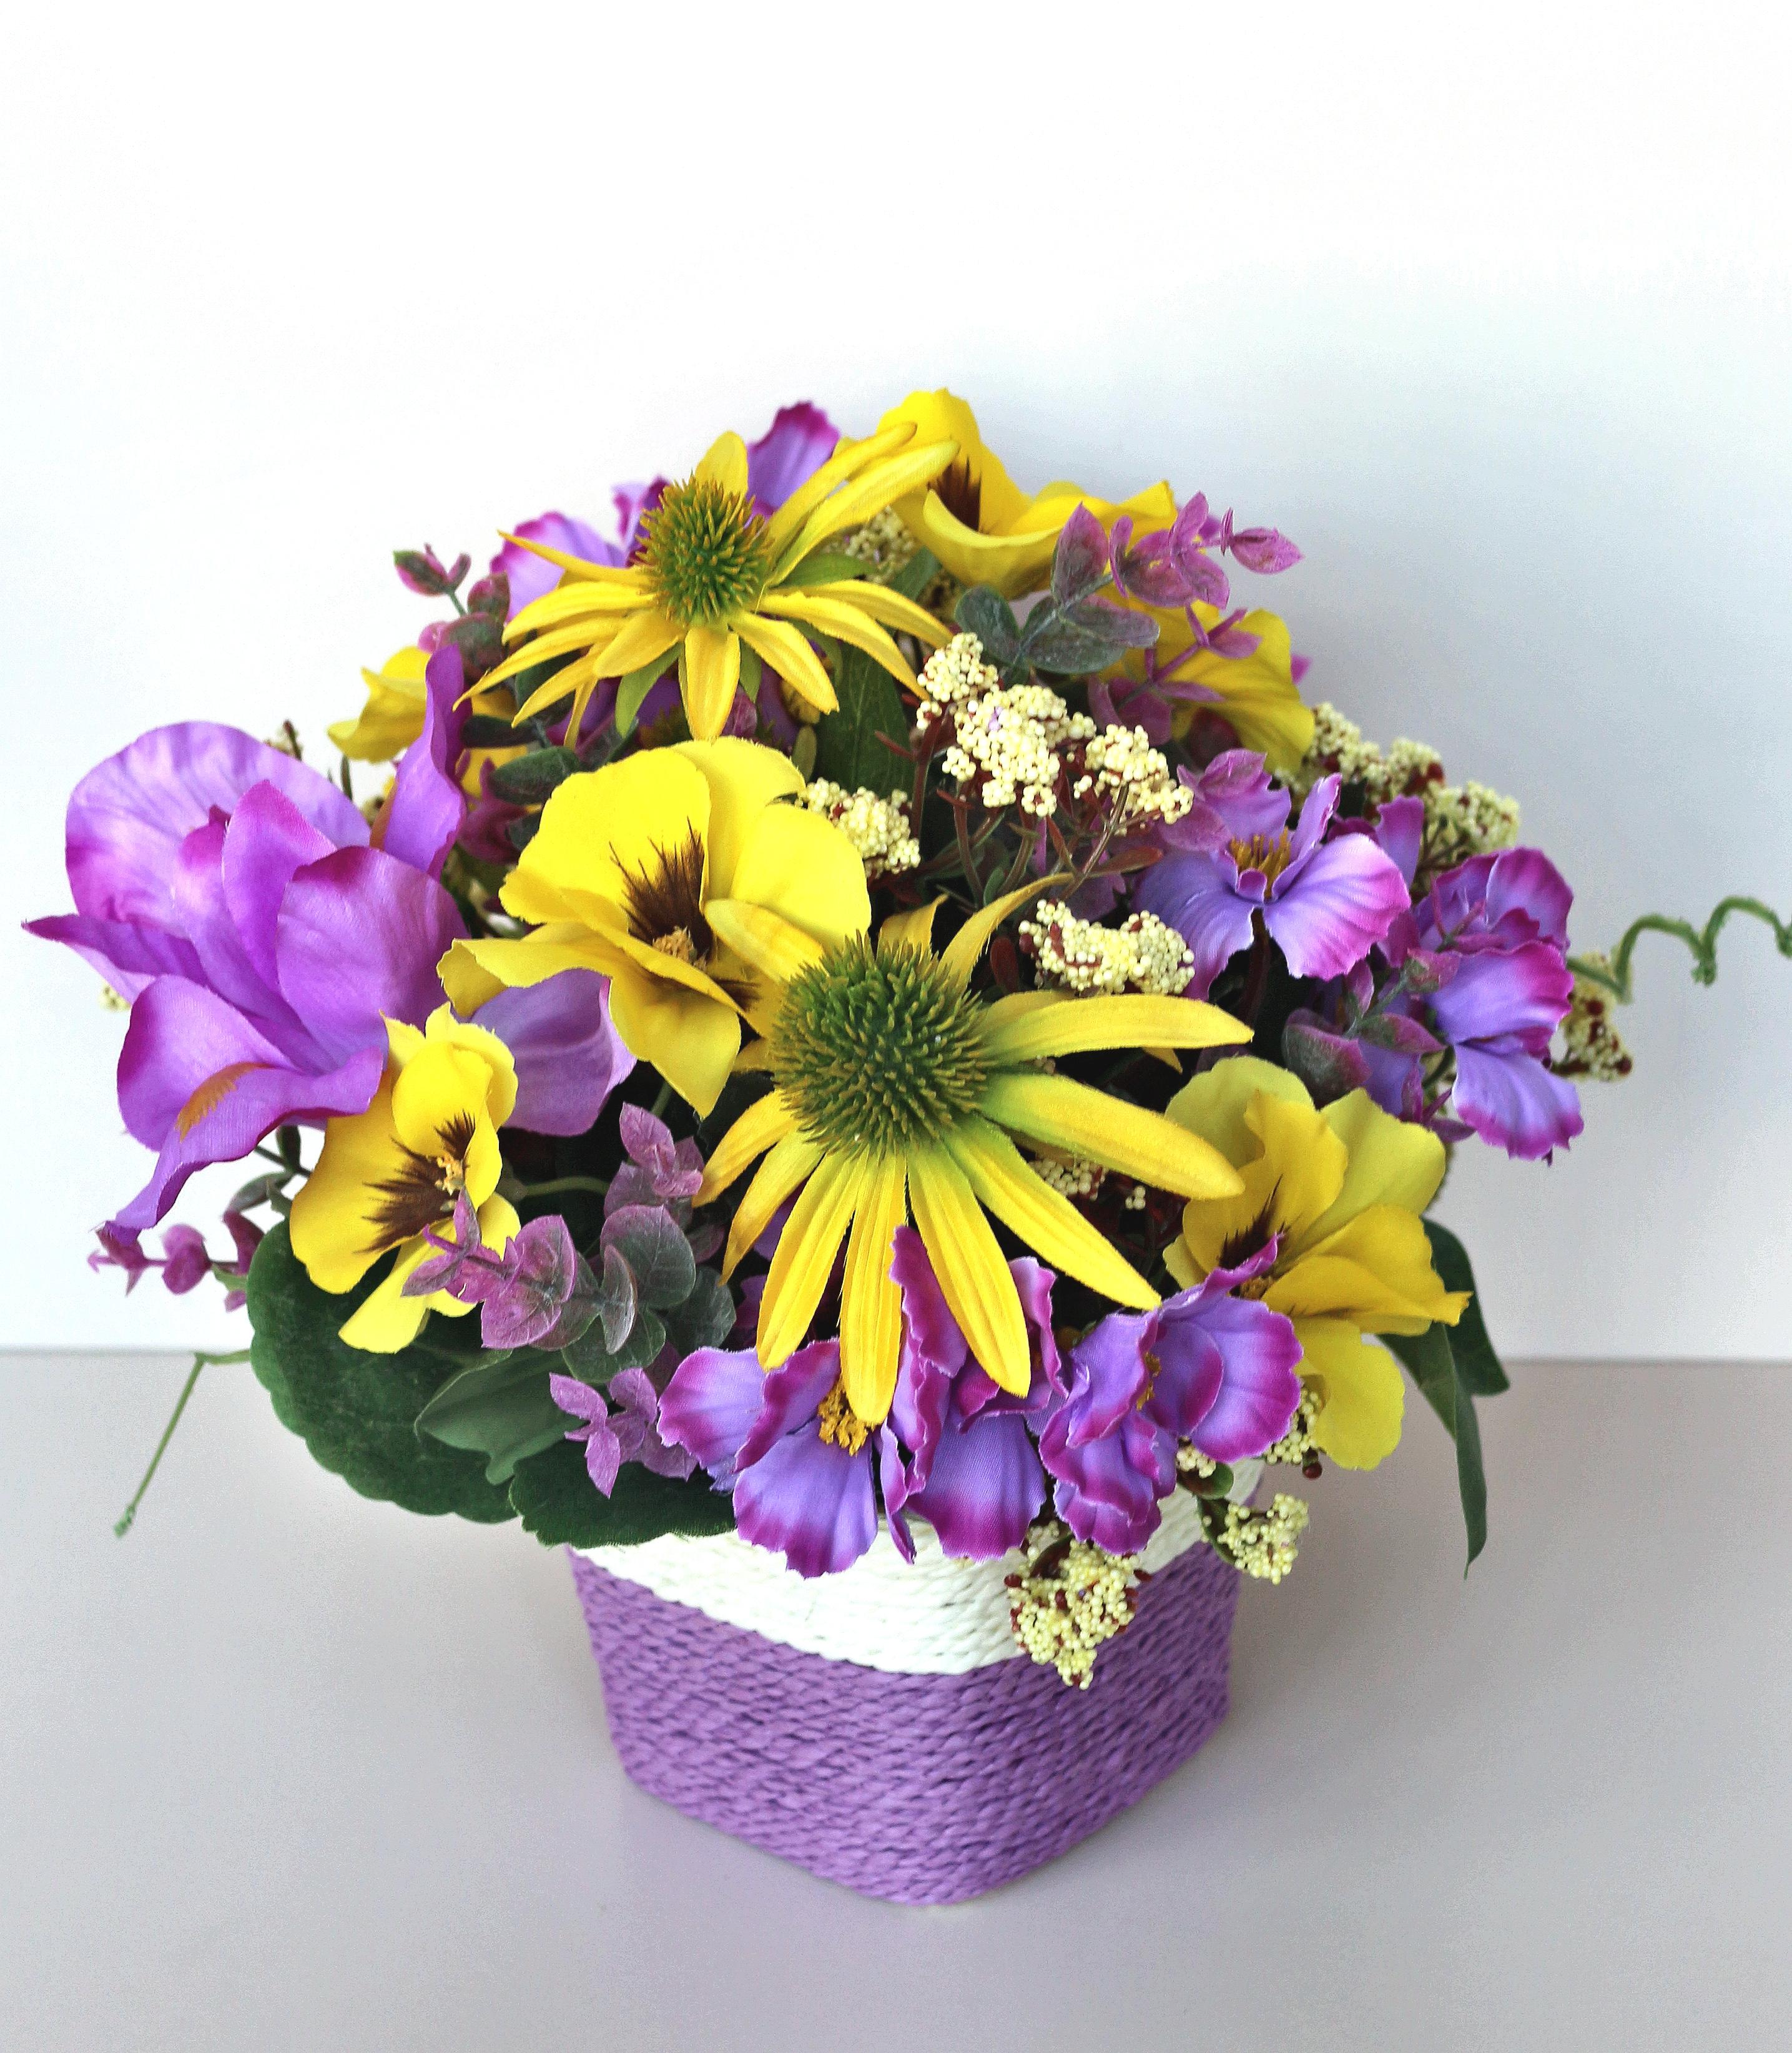 Искусственные цветы 403145, сиреневый, желтый